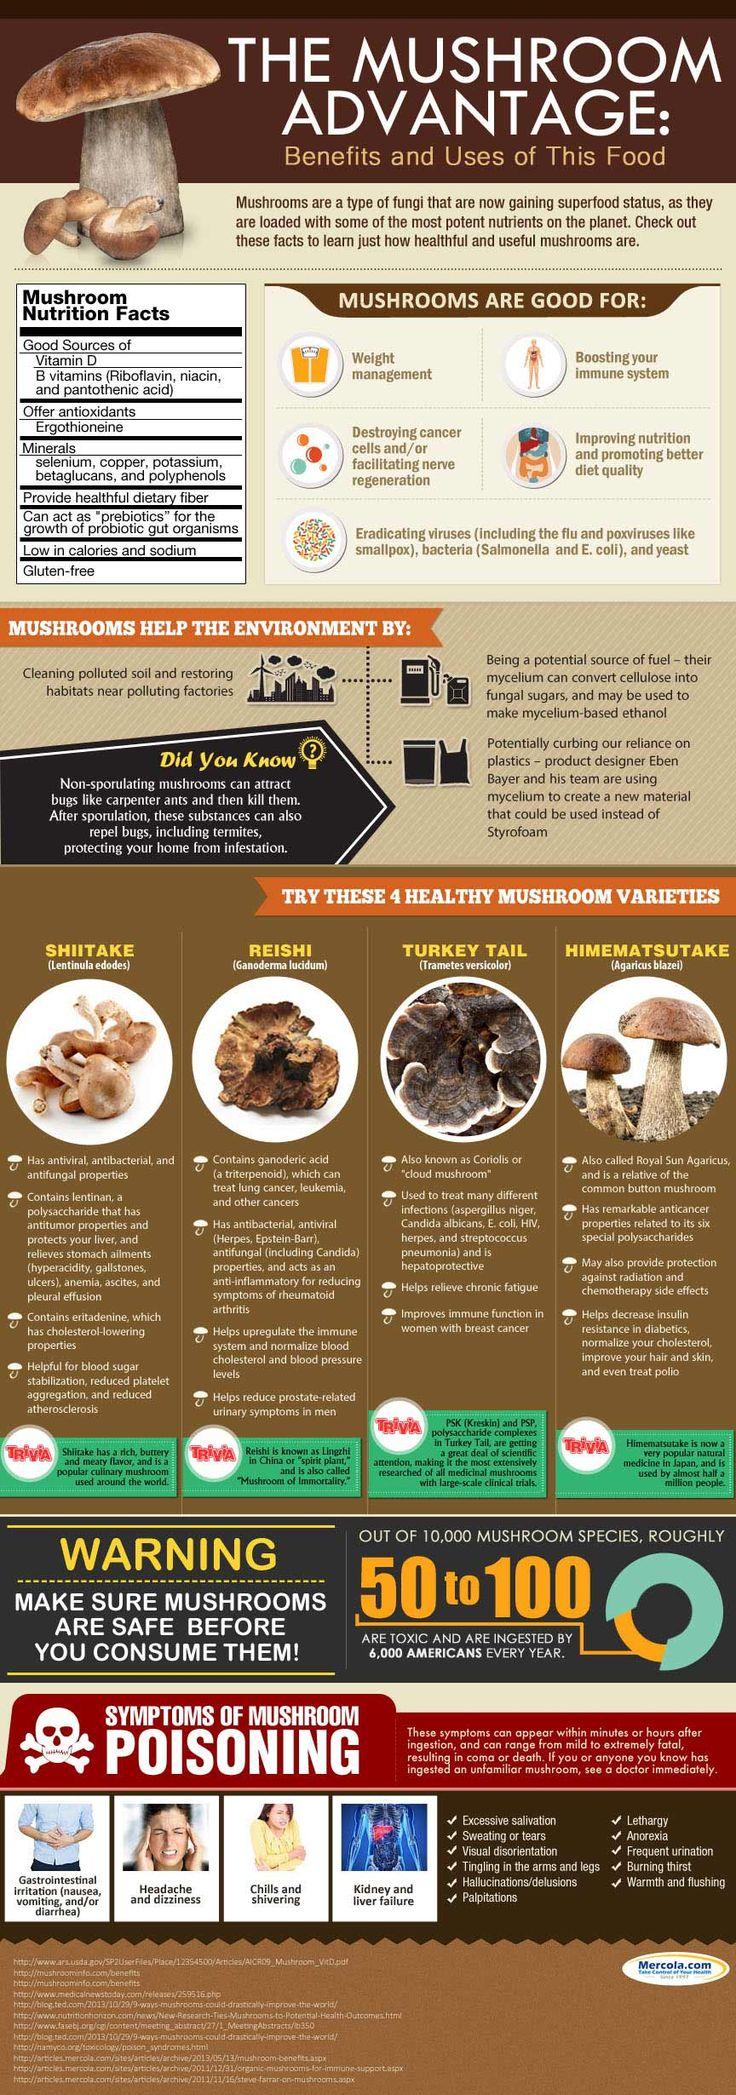 Mighty Mushroom Menu - The Mushroom Advantage - @freshmushrooms #MightyMushrooms